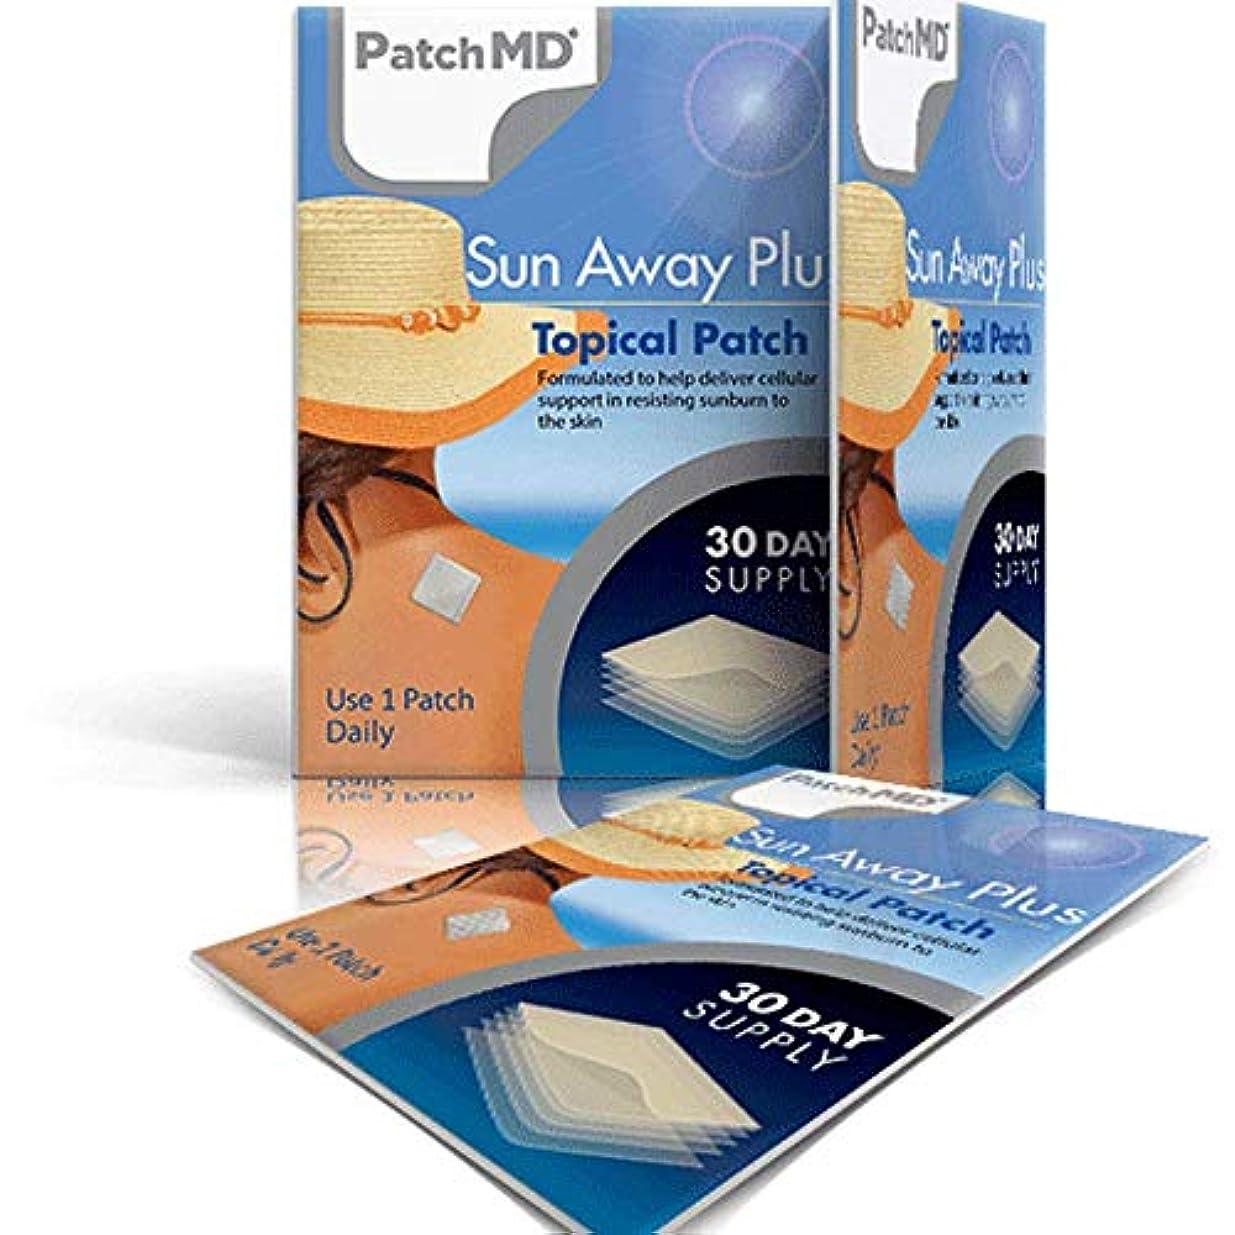 スペイン表示同盟パッチMD サンアウェイプラス 30パッチ 1袋 Sun Away Plus Topical Patch